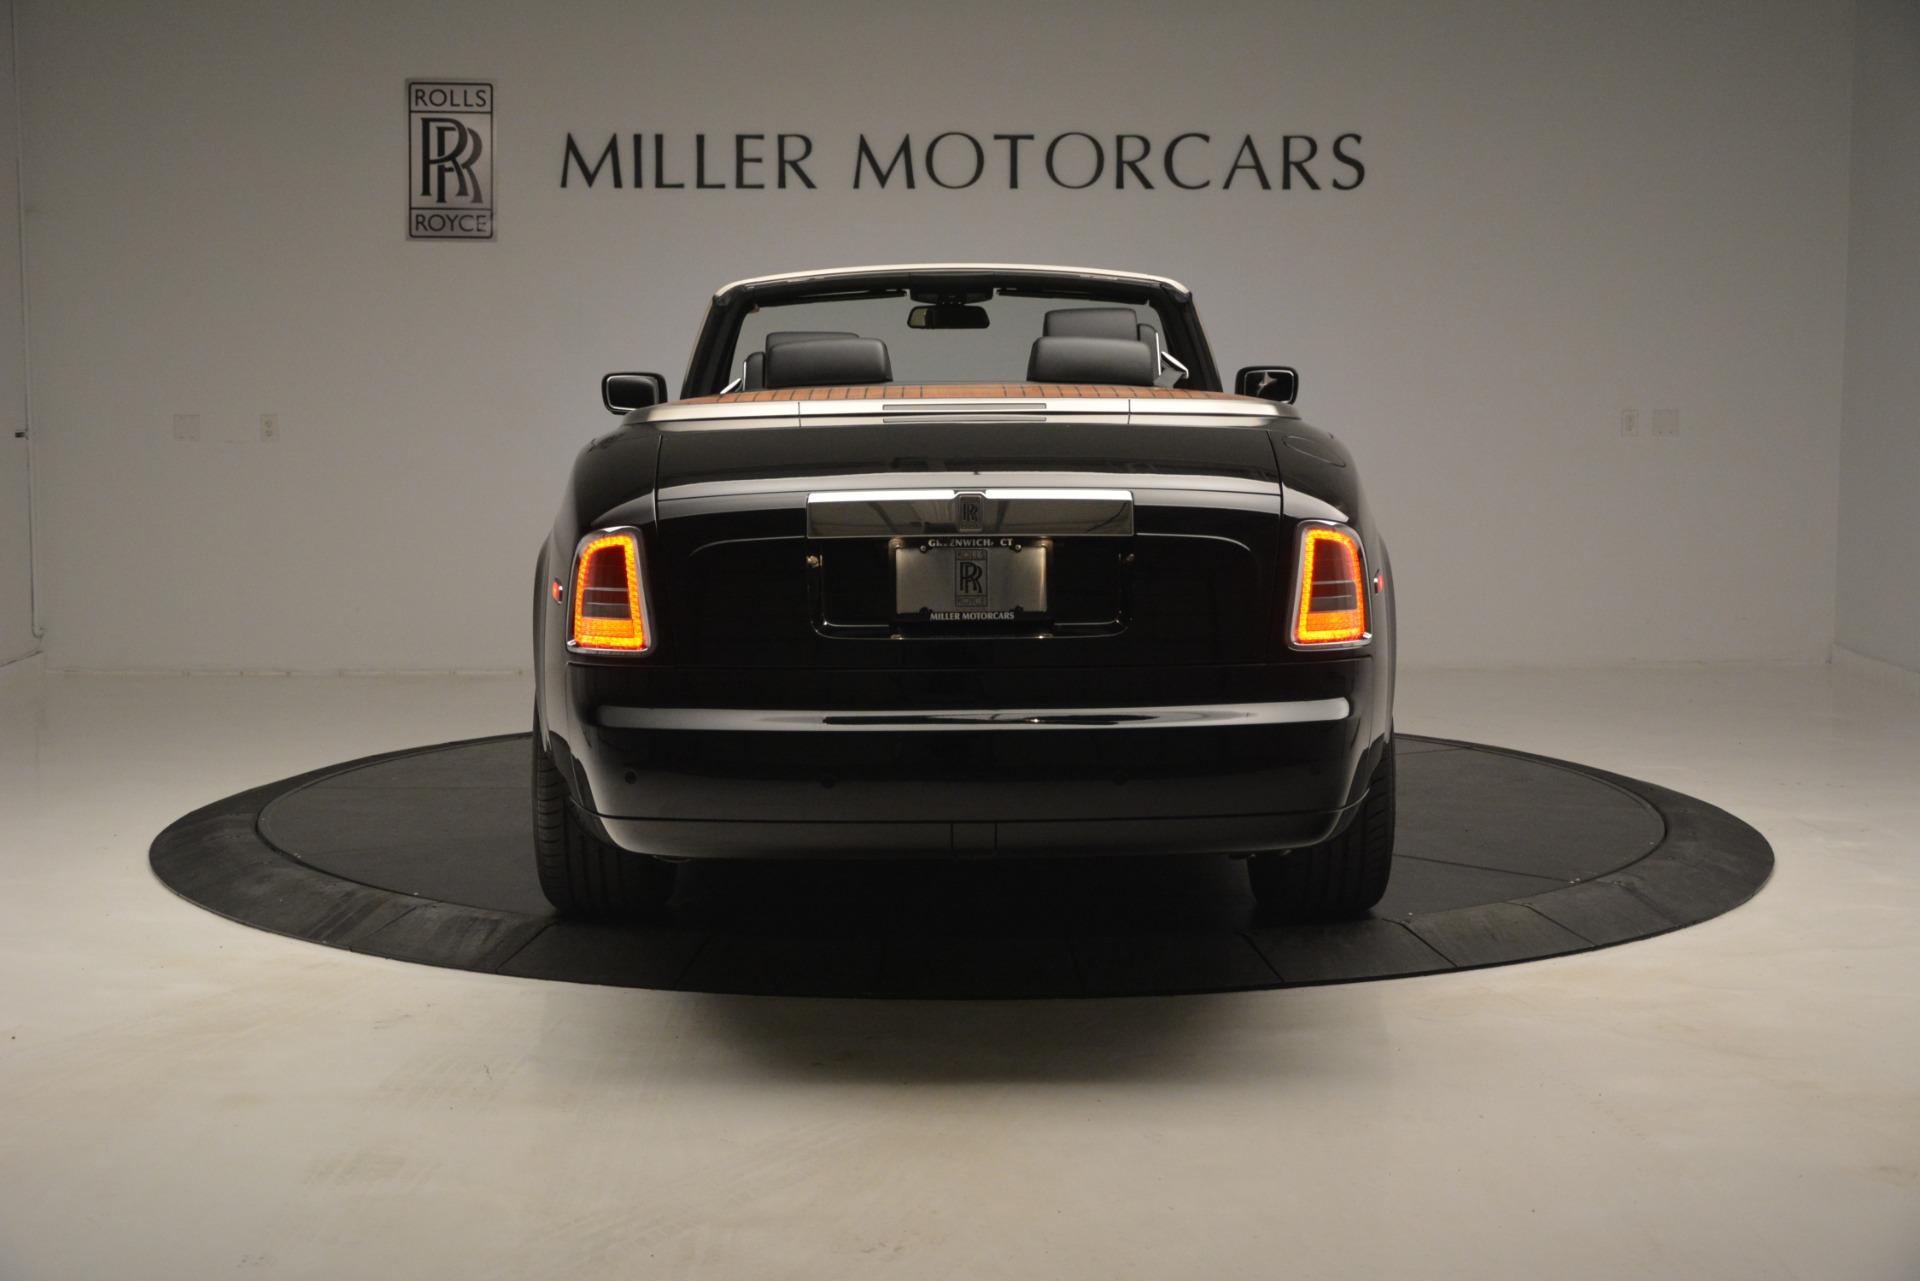 Used 2008 Rolls-Royce Phantom Drophead Coupe  For Sale In Westport, CT 3000_p9